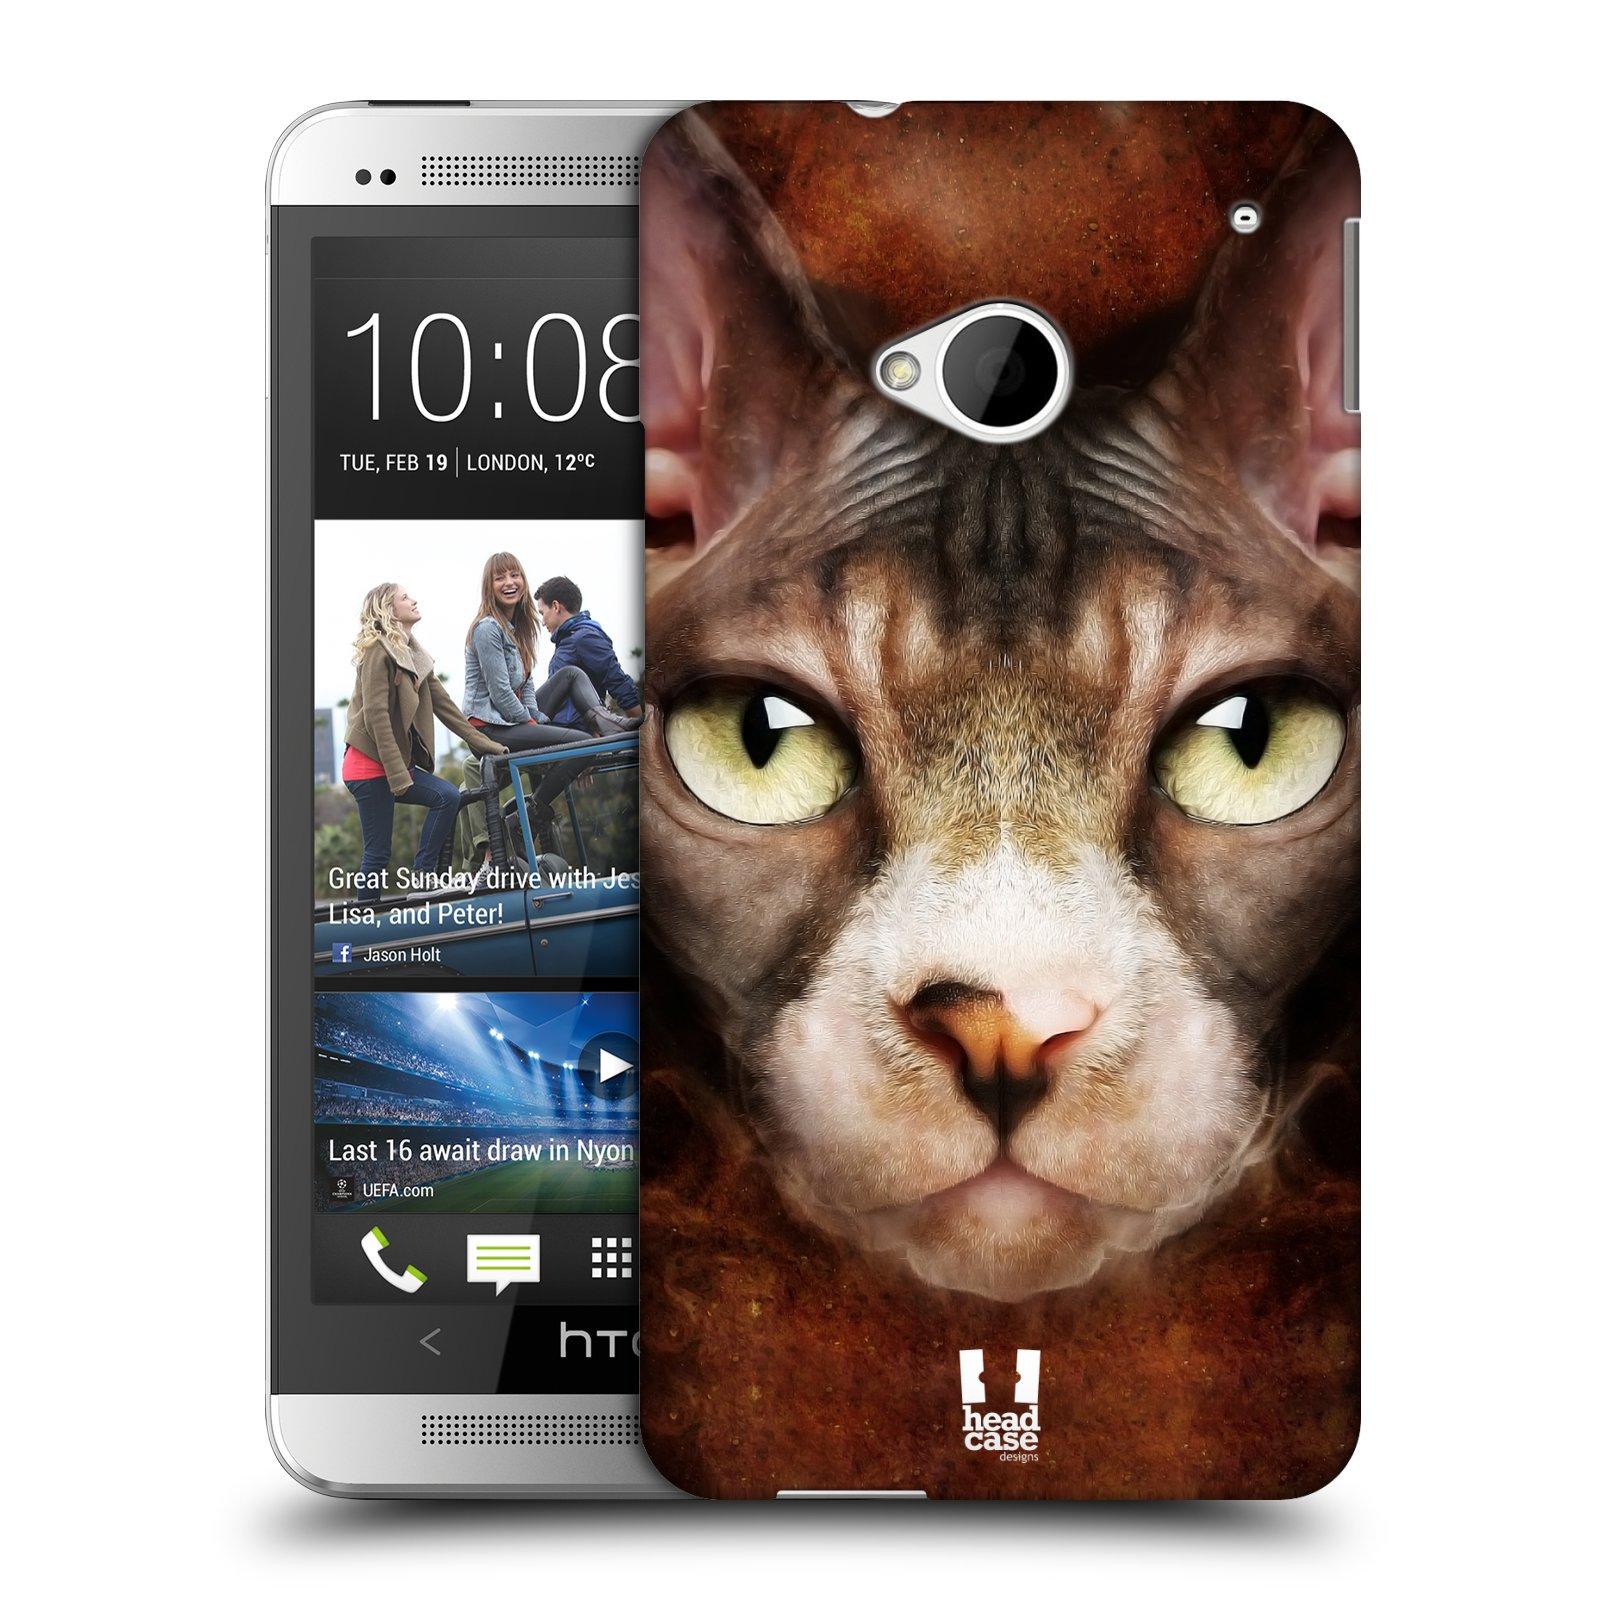 HEAD CASE plastový obal na mobil HTC One (M7) vzor Zvířecí tváře kočka sphynx